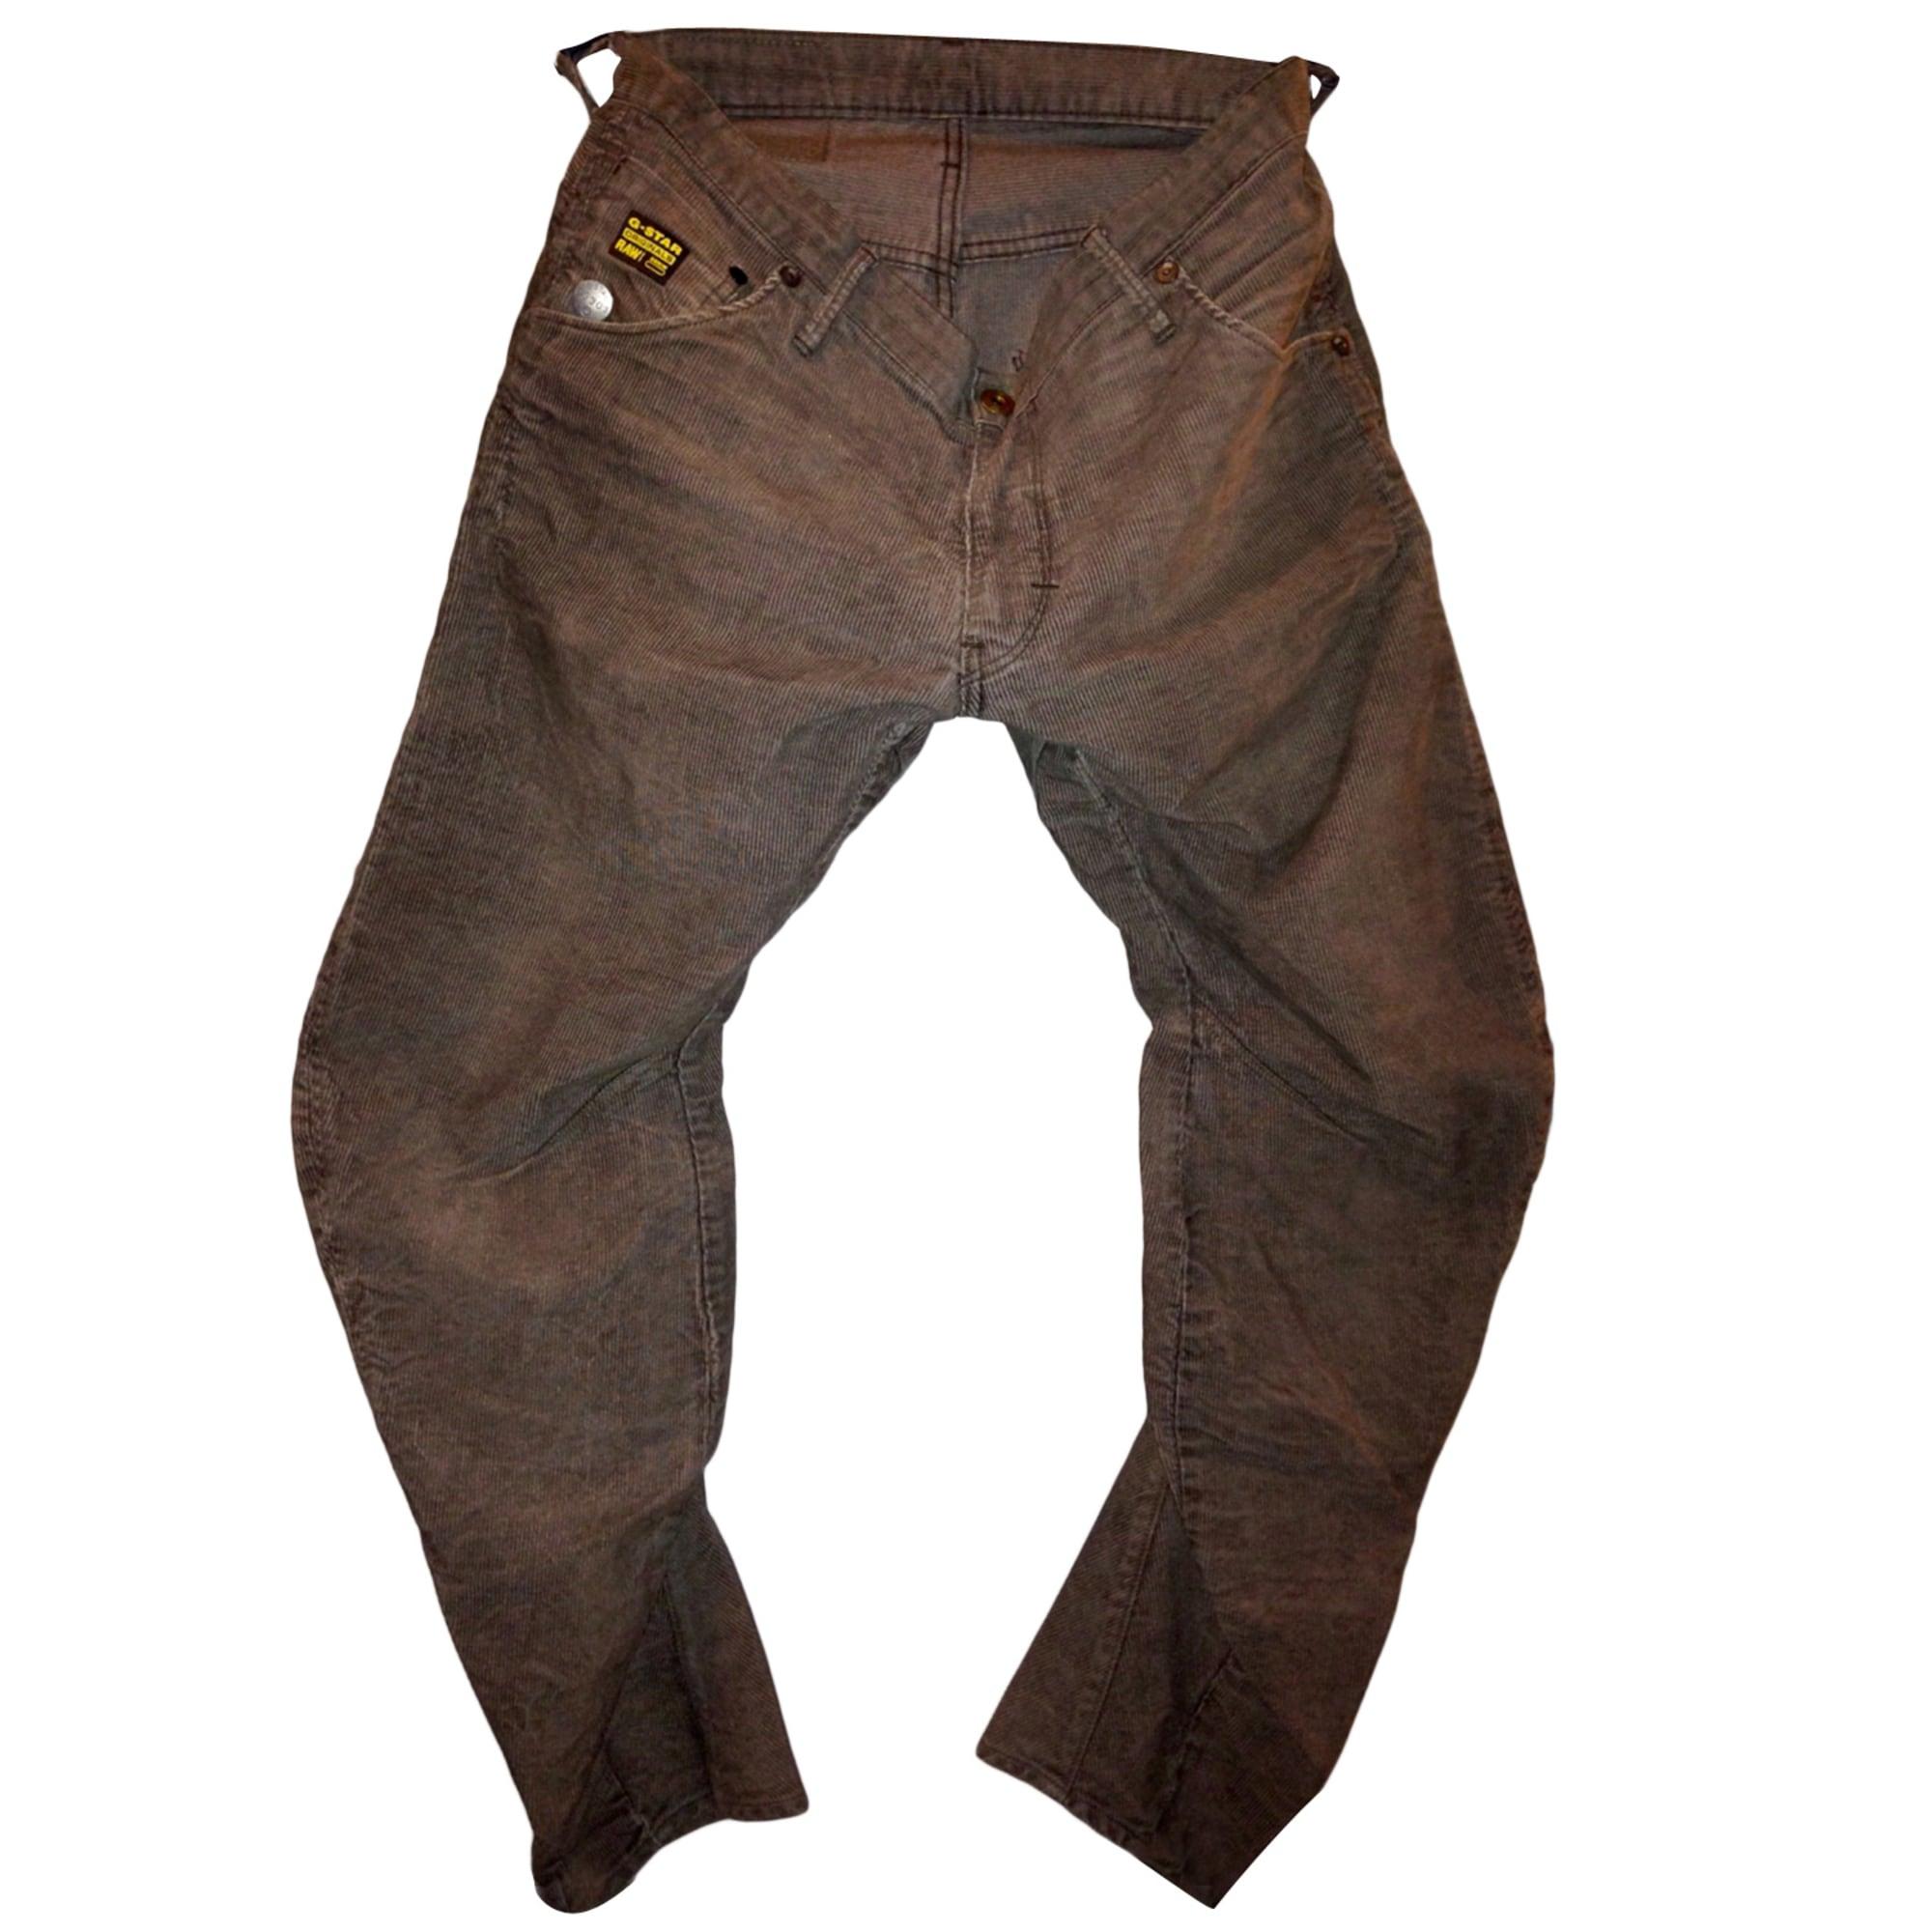 Pantalon large G-STAR Doré, bronze, cuivre